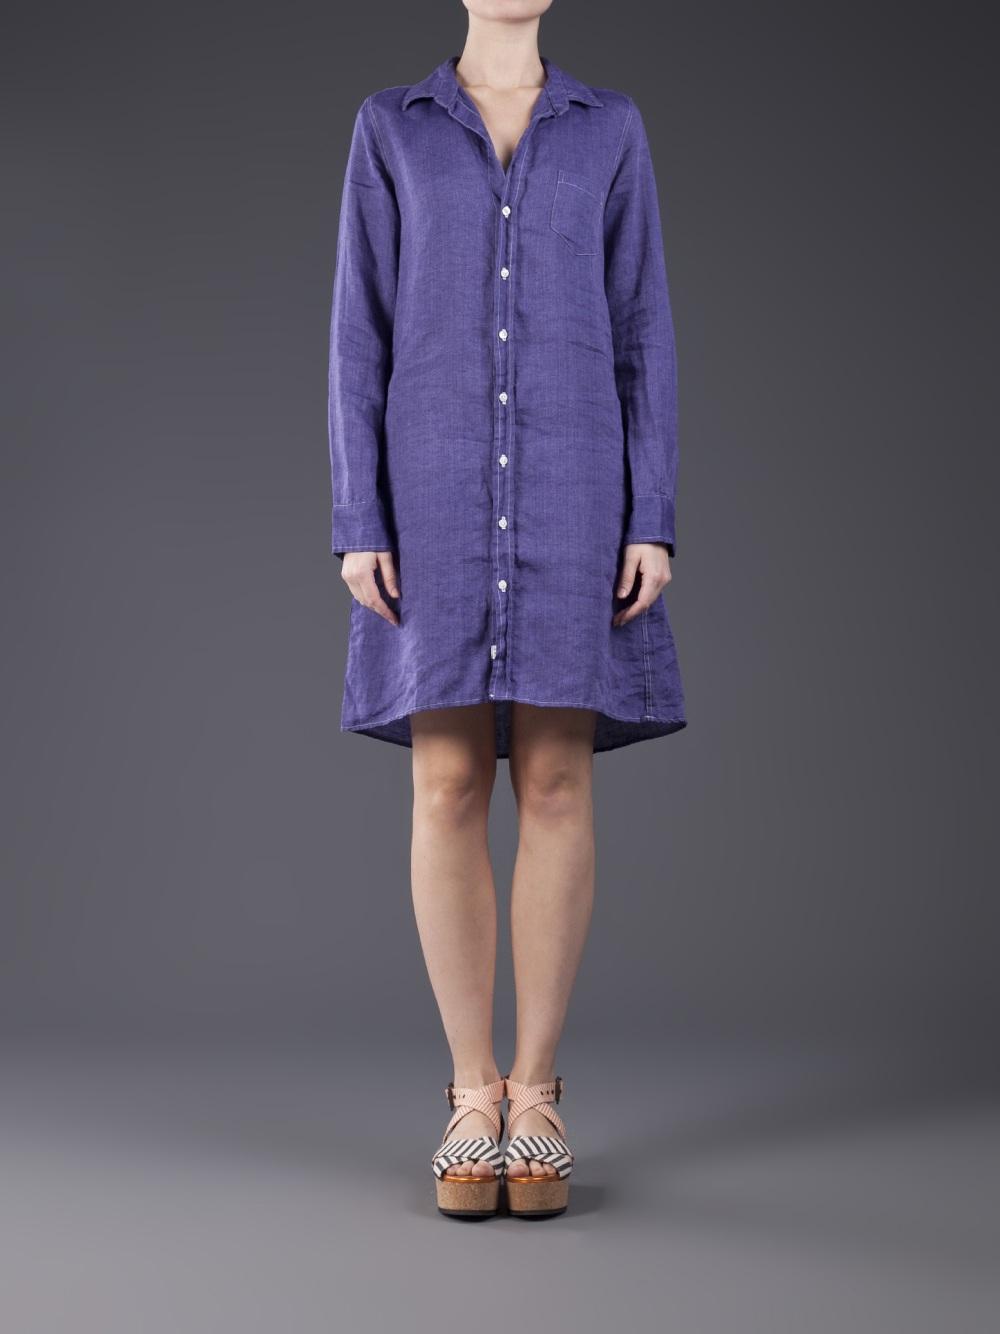 Lyst Frank Eileen Murphy Shirtdress In Purple